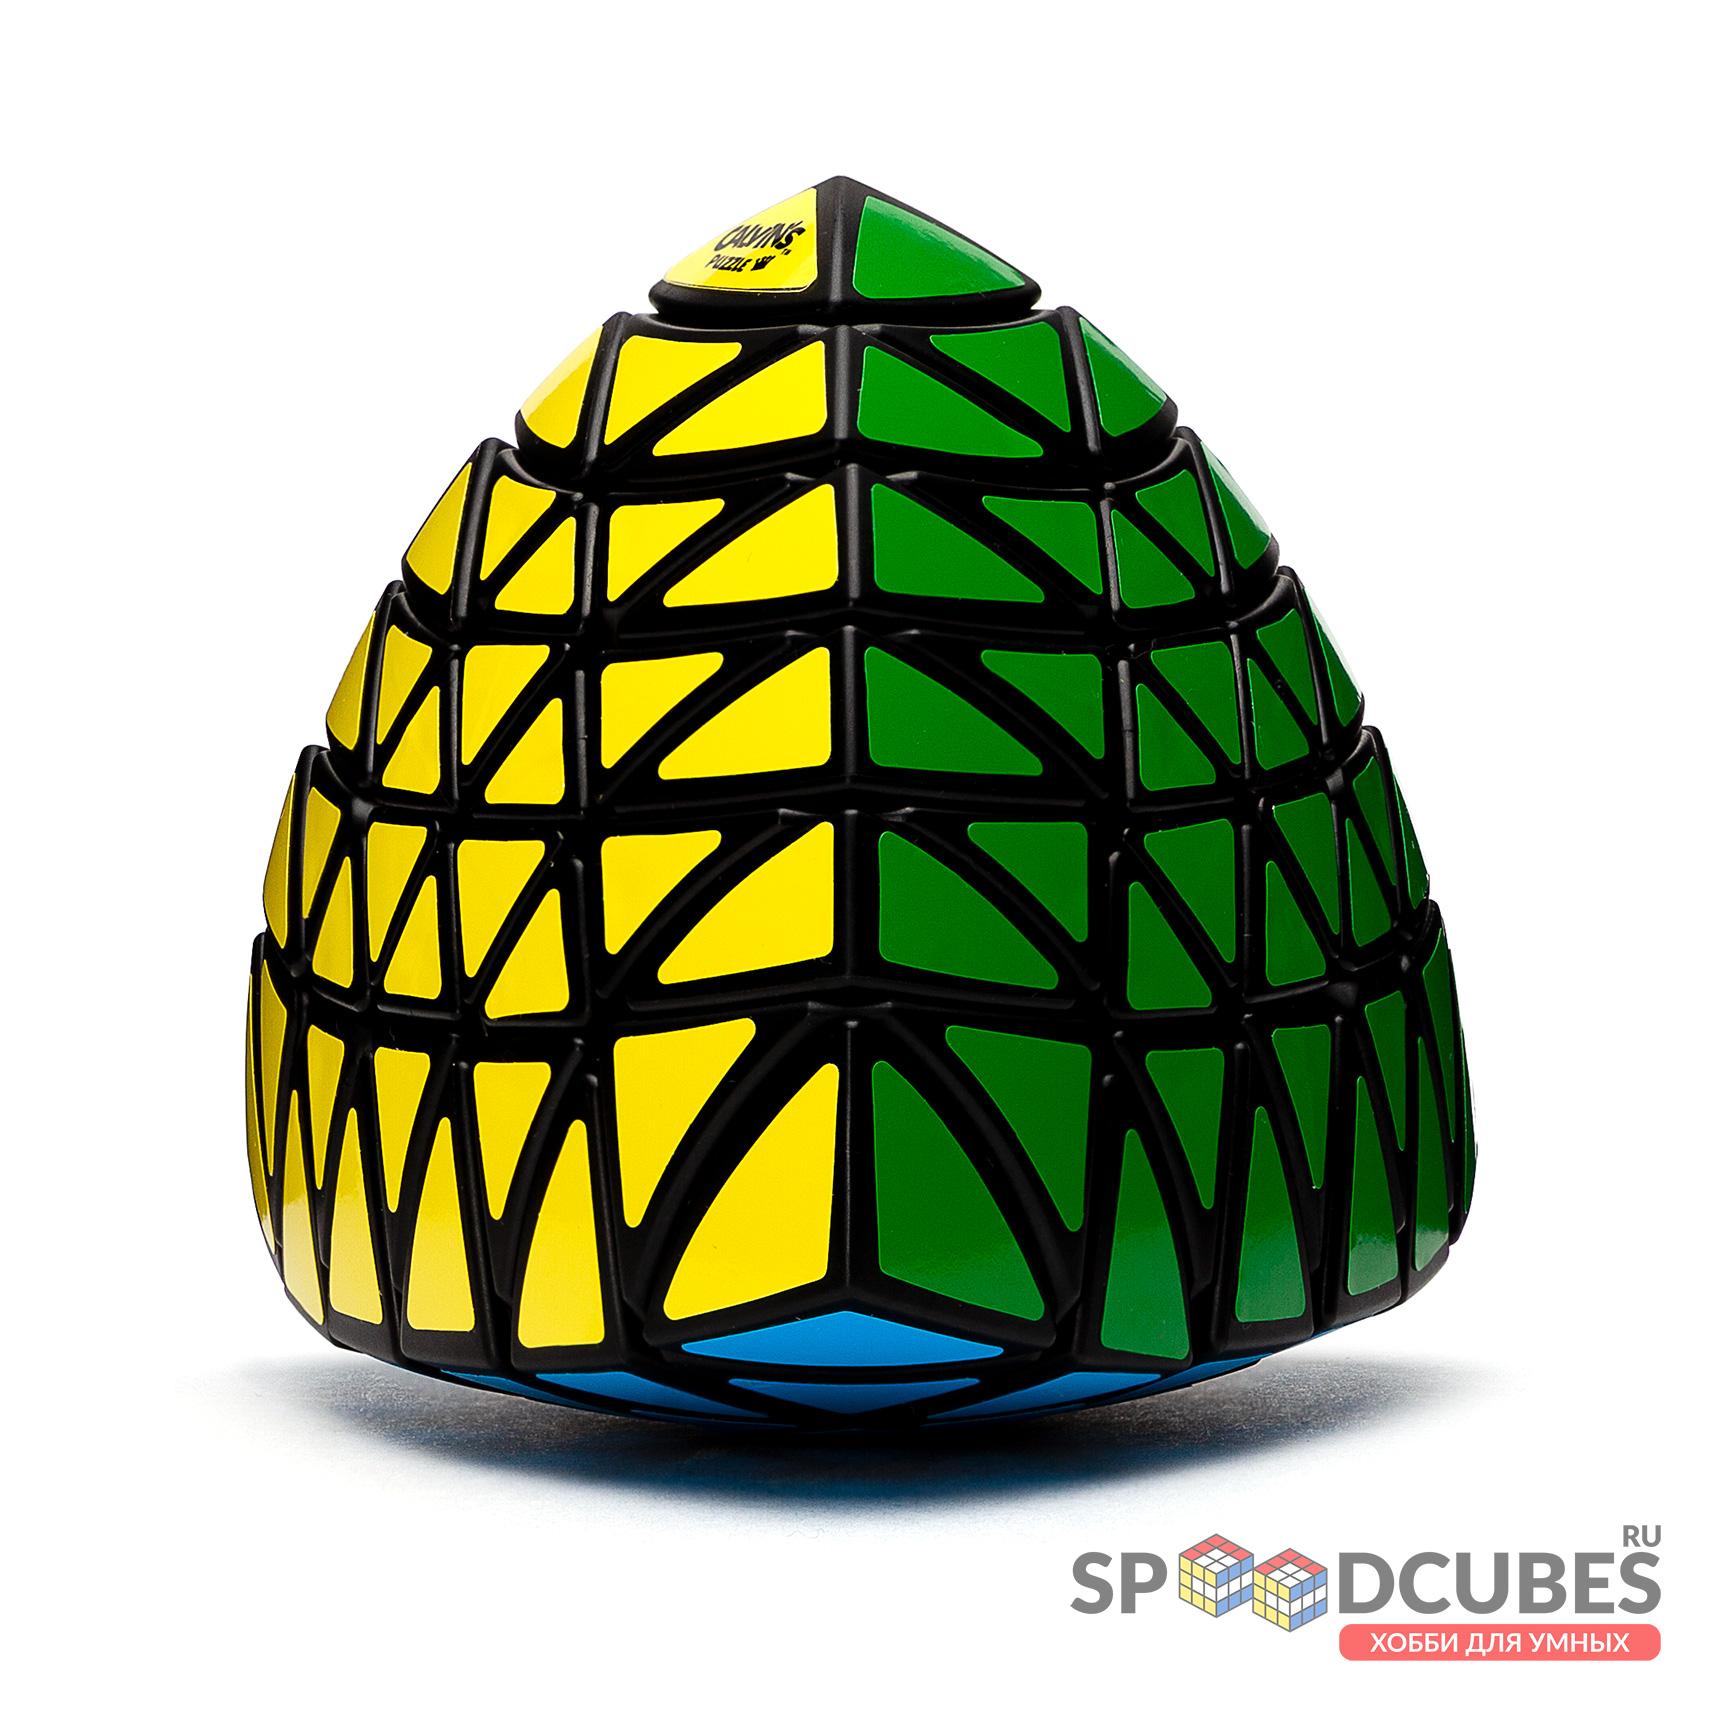 Calvin's Royal Pyraminx 6x6x6